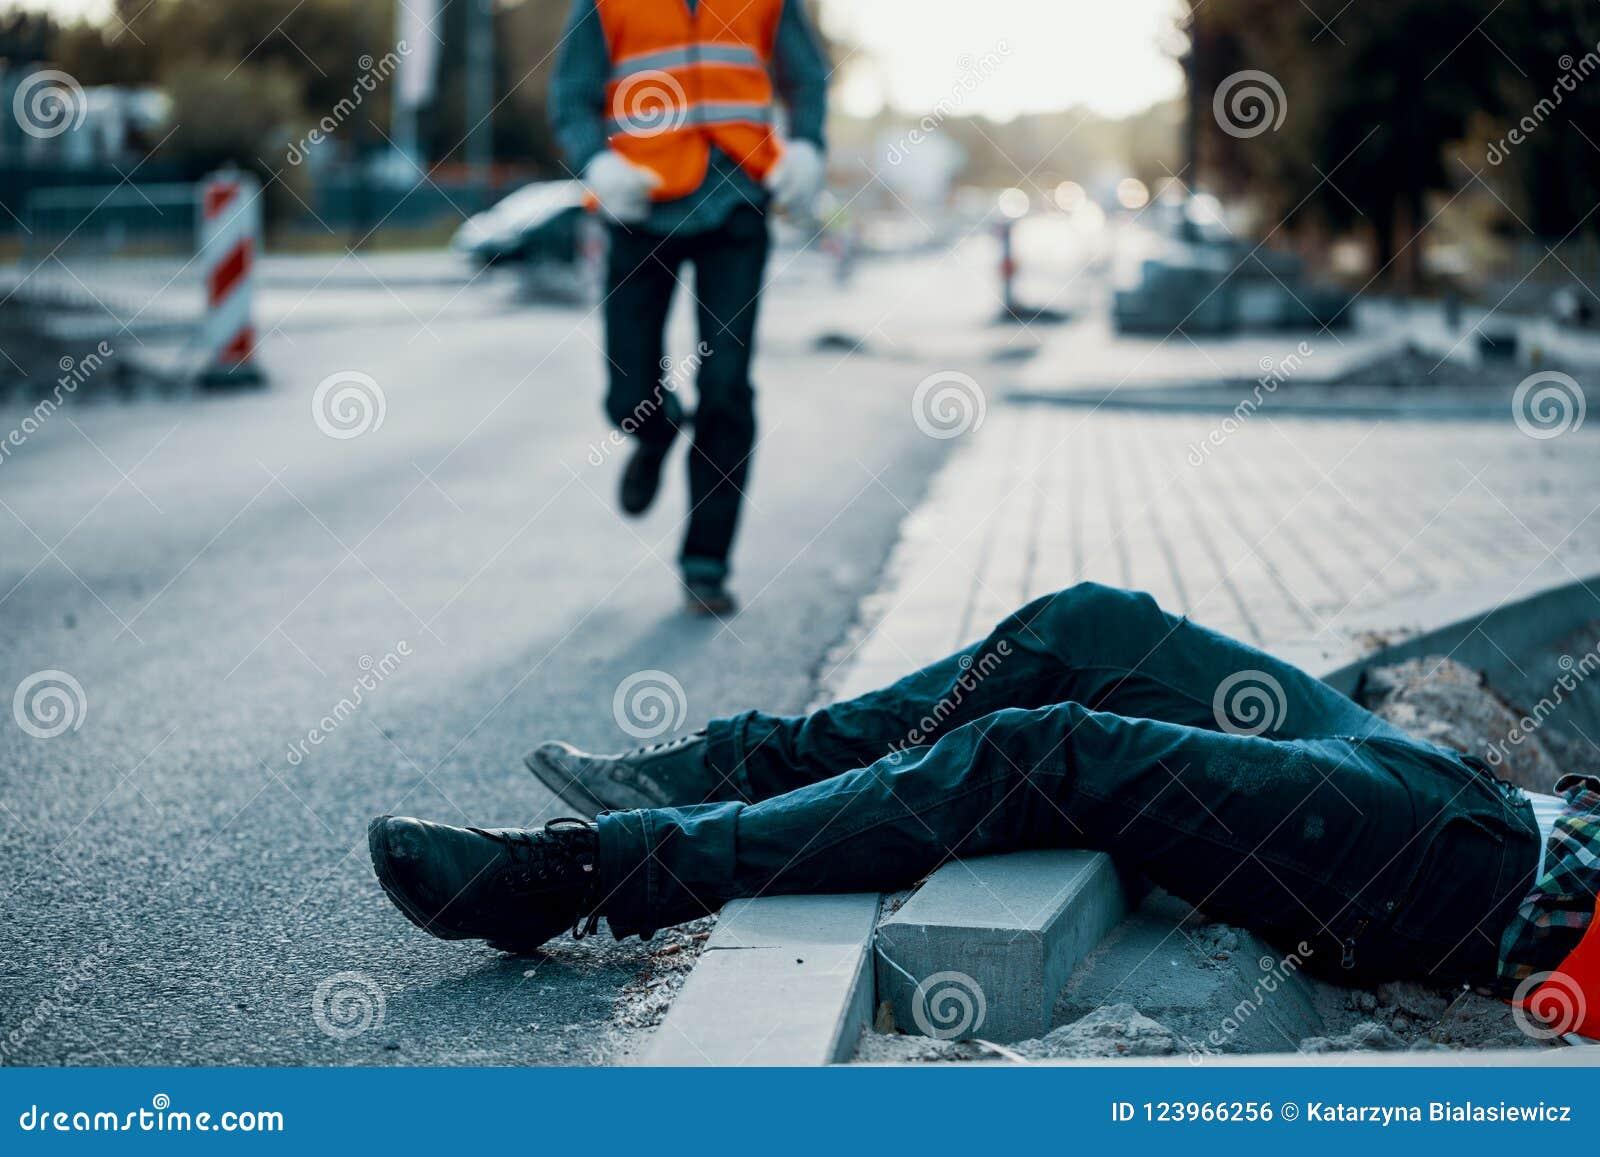 Vítima inoperante durante roadworks Não-conformidade com saúde e saf